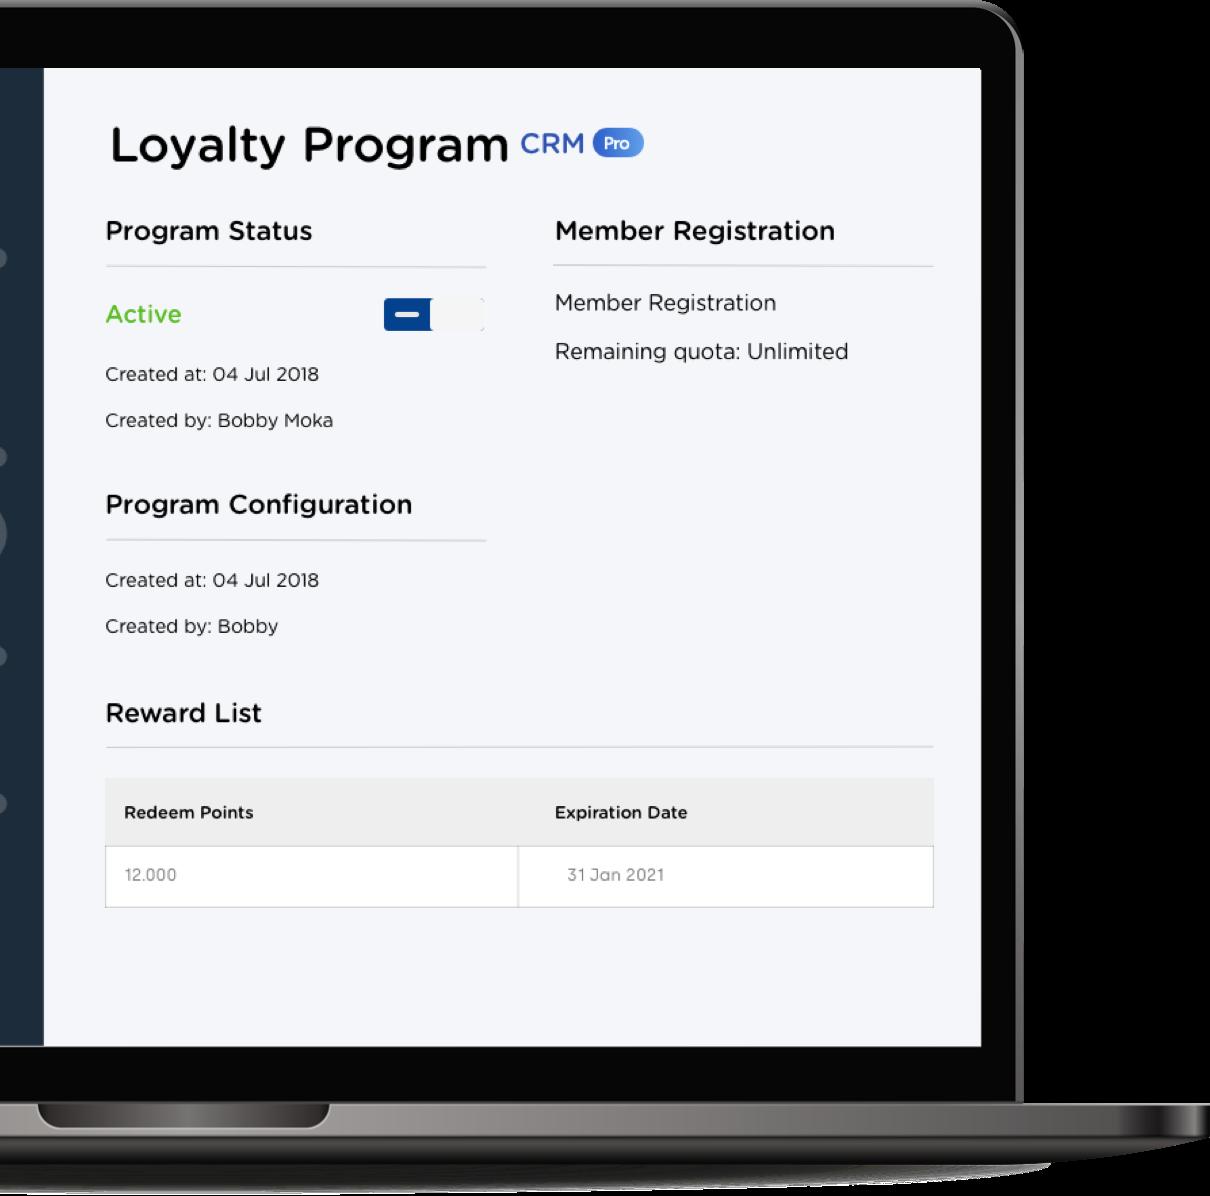 Aplikasi point of sale Moka membantu mengatur diskon & promosi, program loyalitas, dan voucher menarik yang pelanggan butuhkan